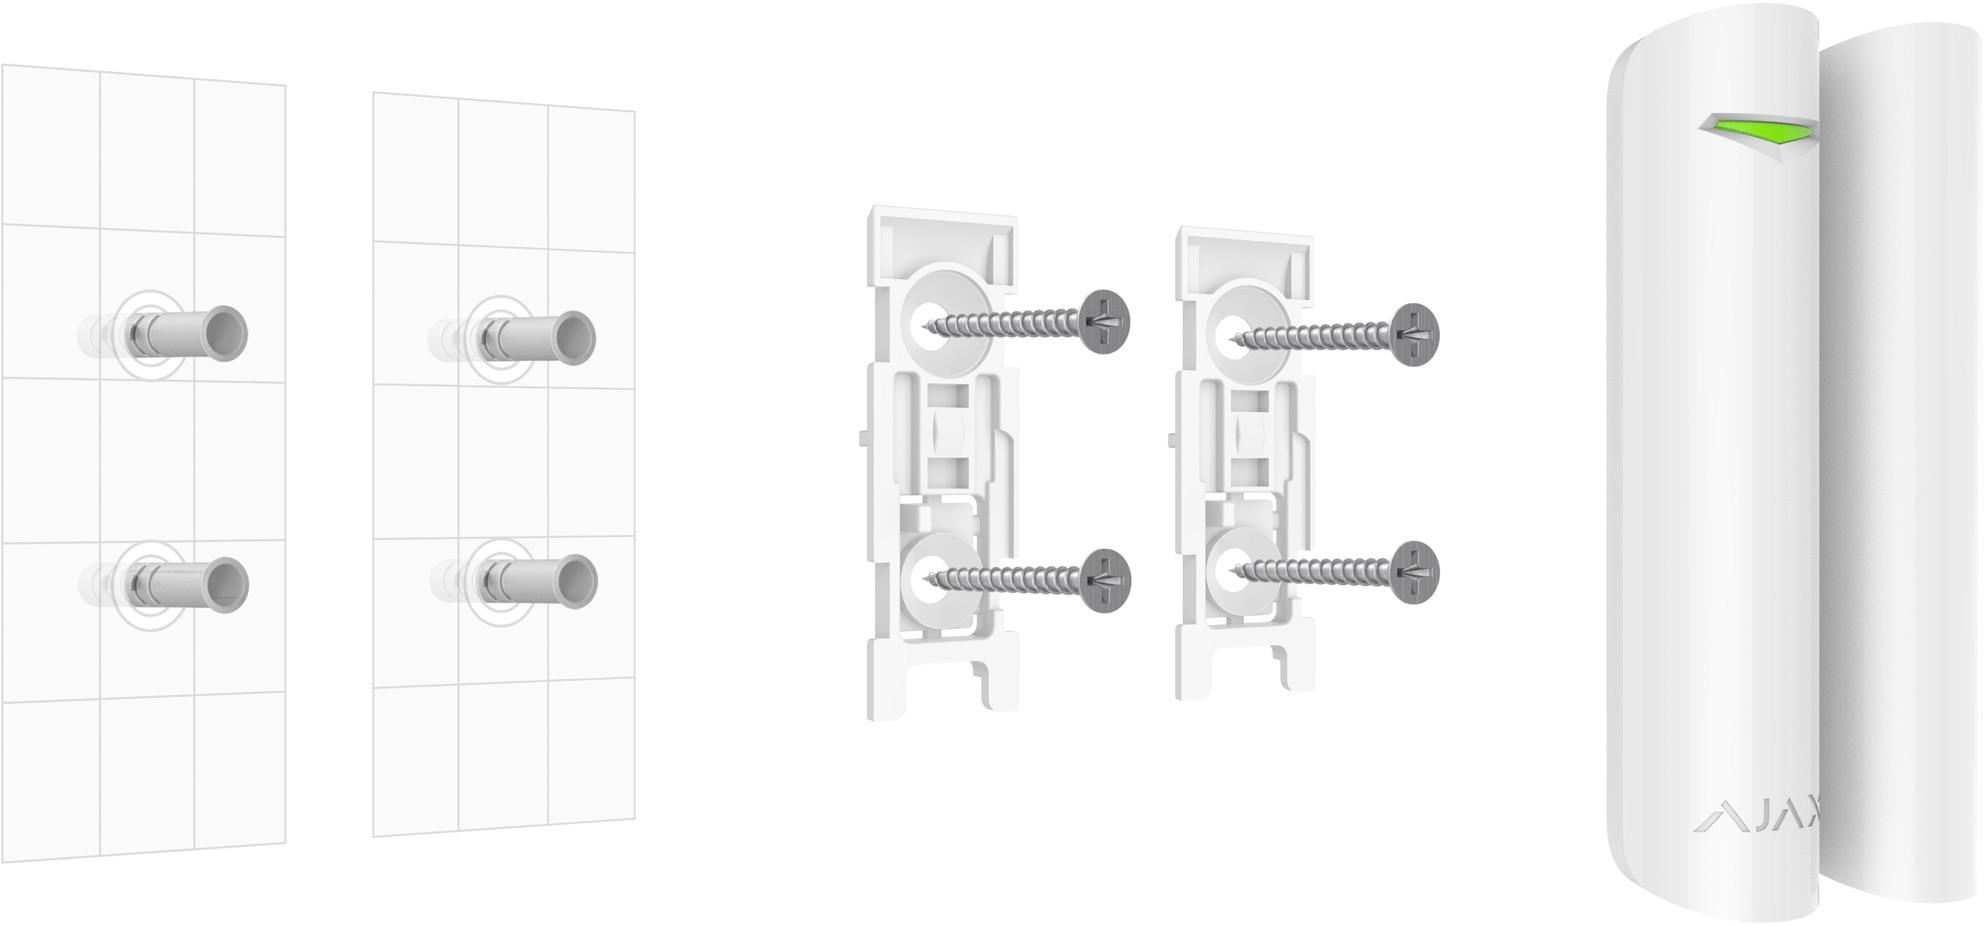 Installation du détecteur d'ouverture sans fil Ajax DoorProtect